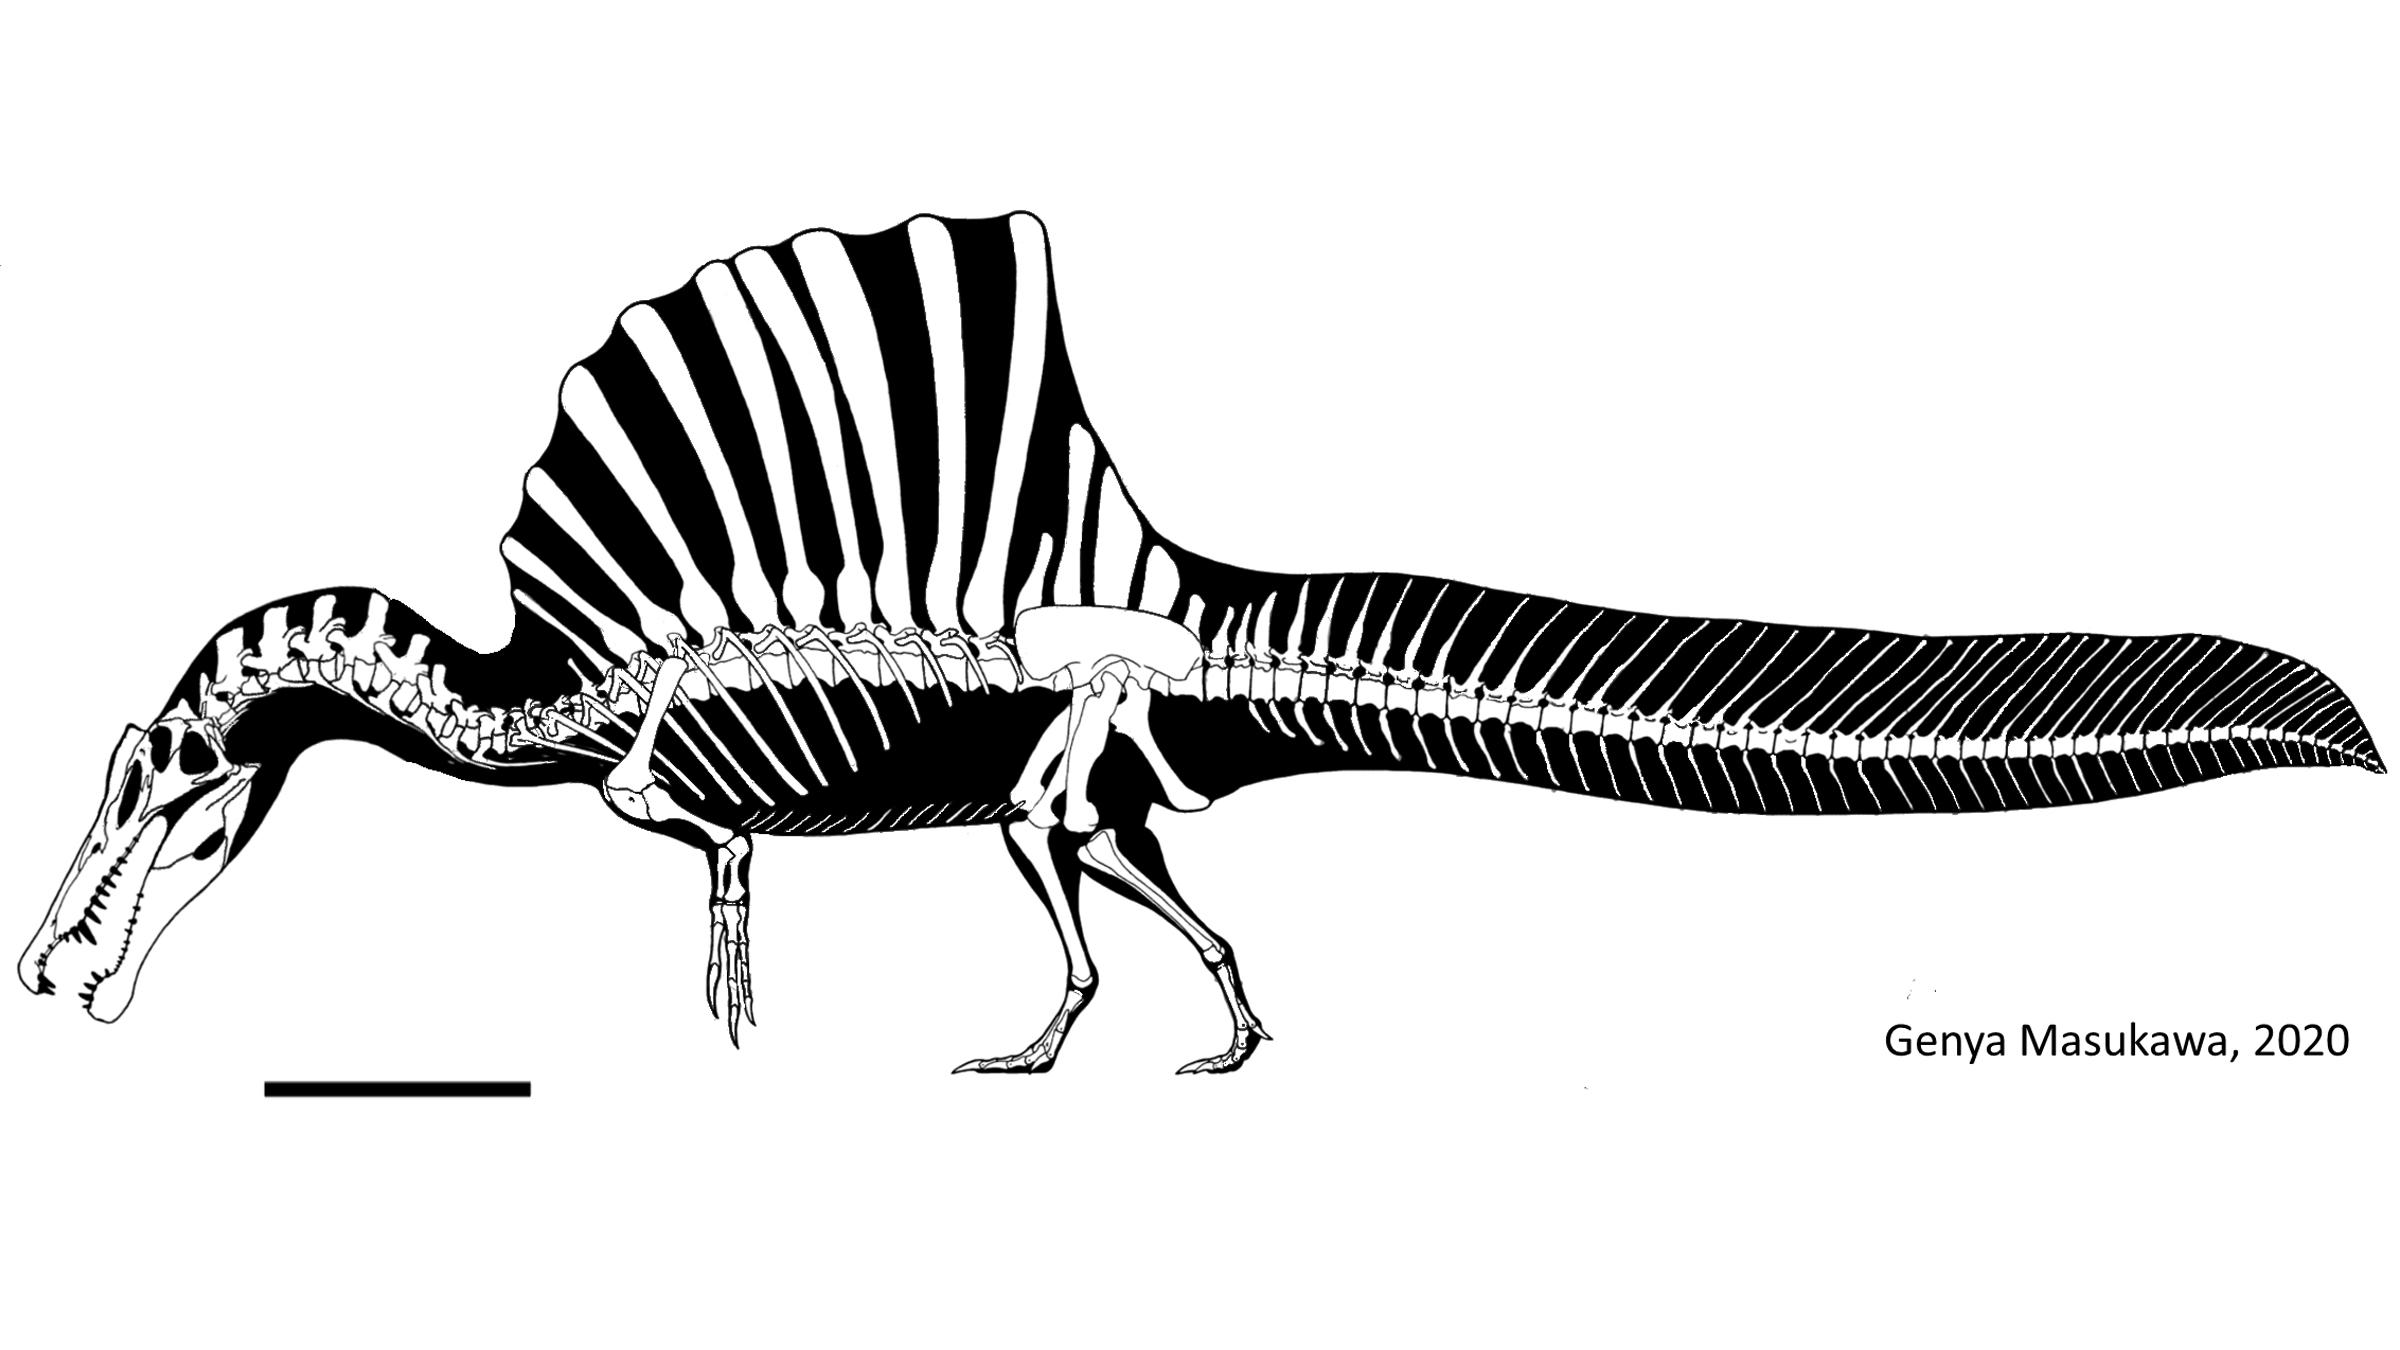 Le squelette du Spinosaurus, y compris sa célèbre voile arrière et son panache de queue.  La barre d'échelle est de 1 mètre (3,2 pieds).